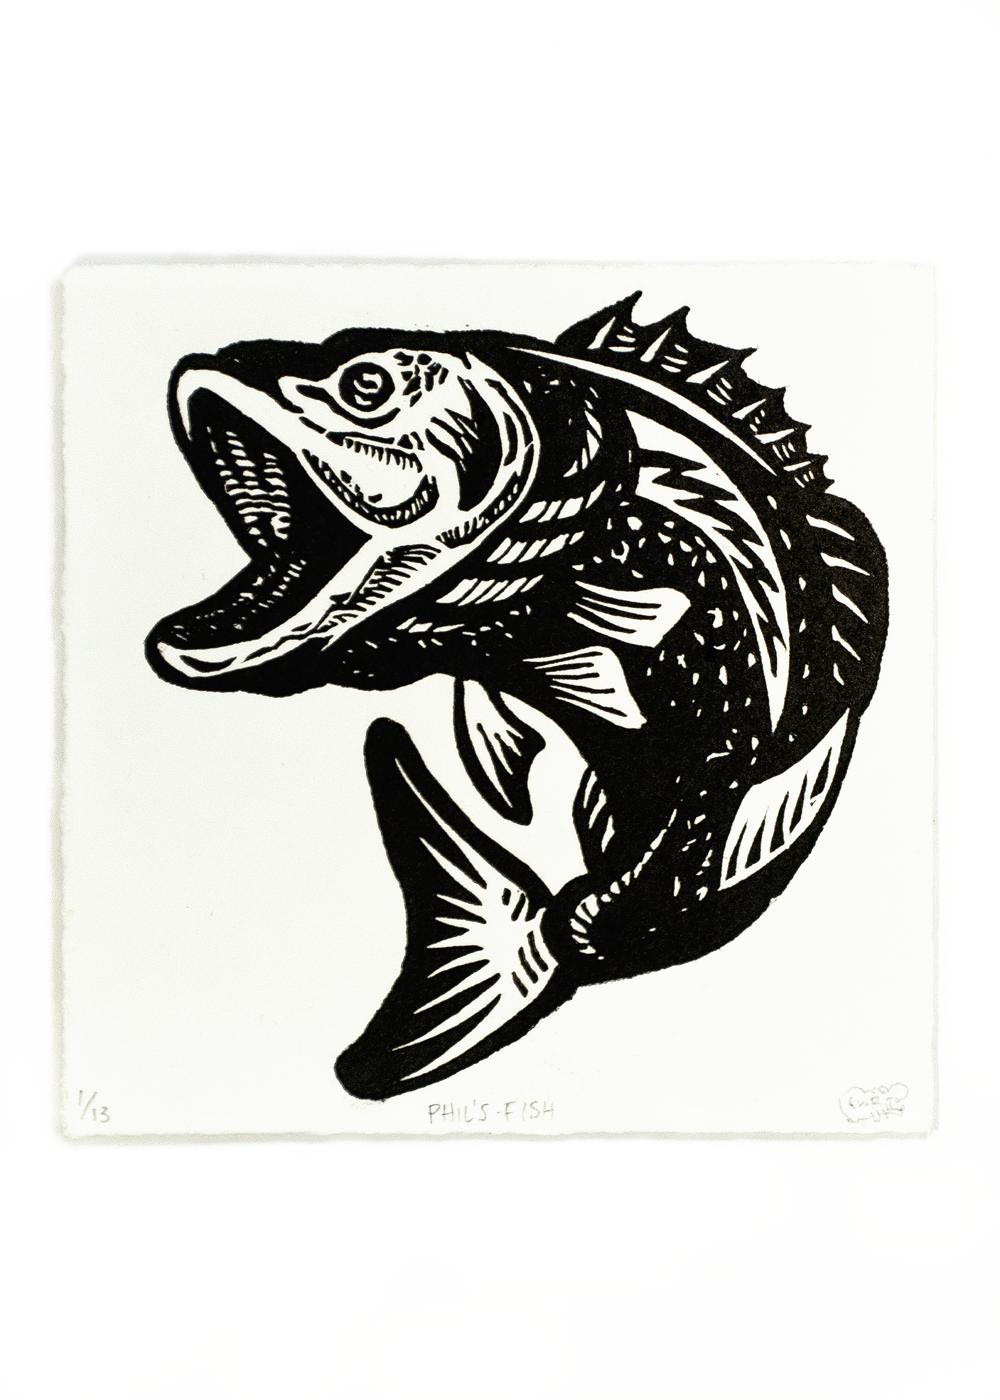 Phil's Fish